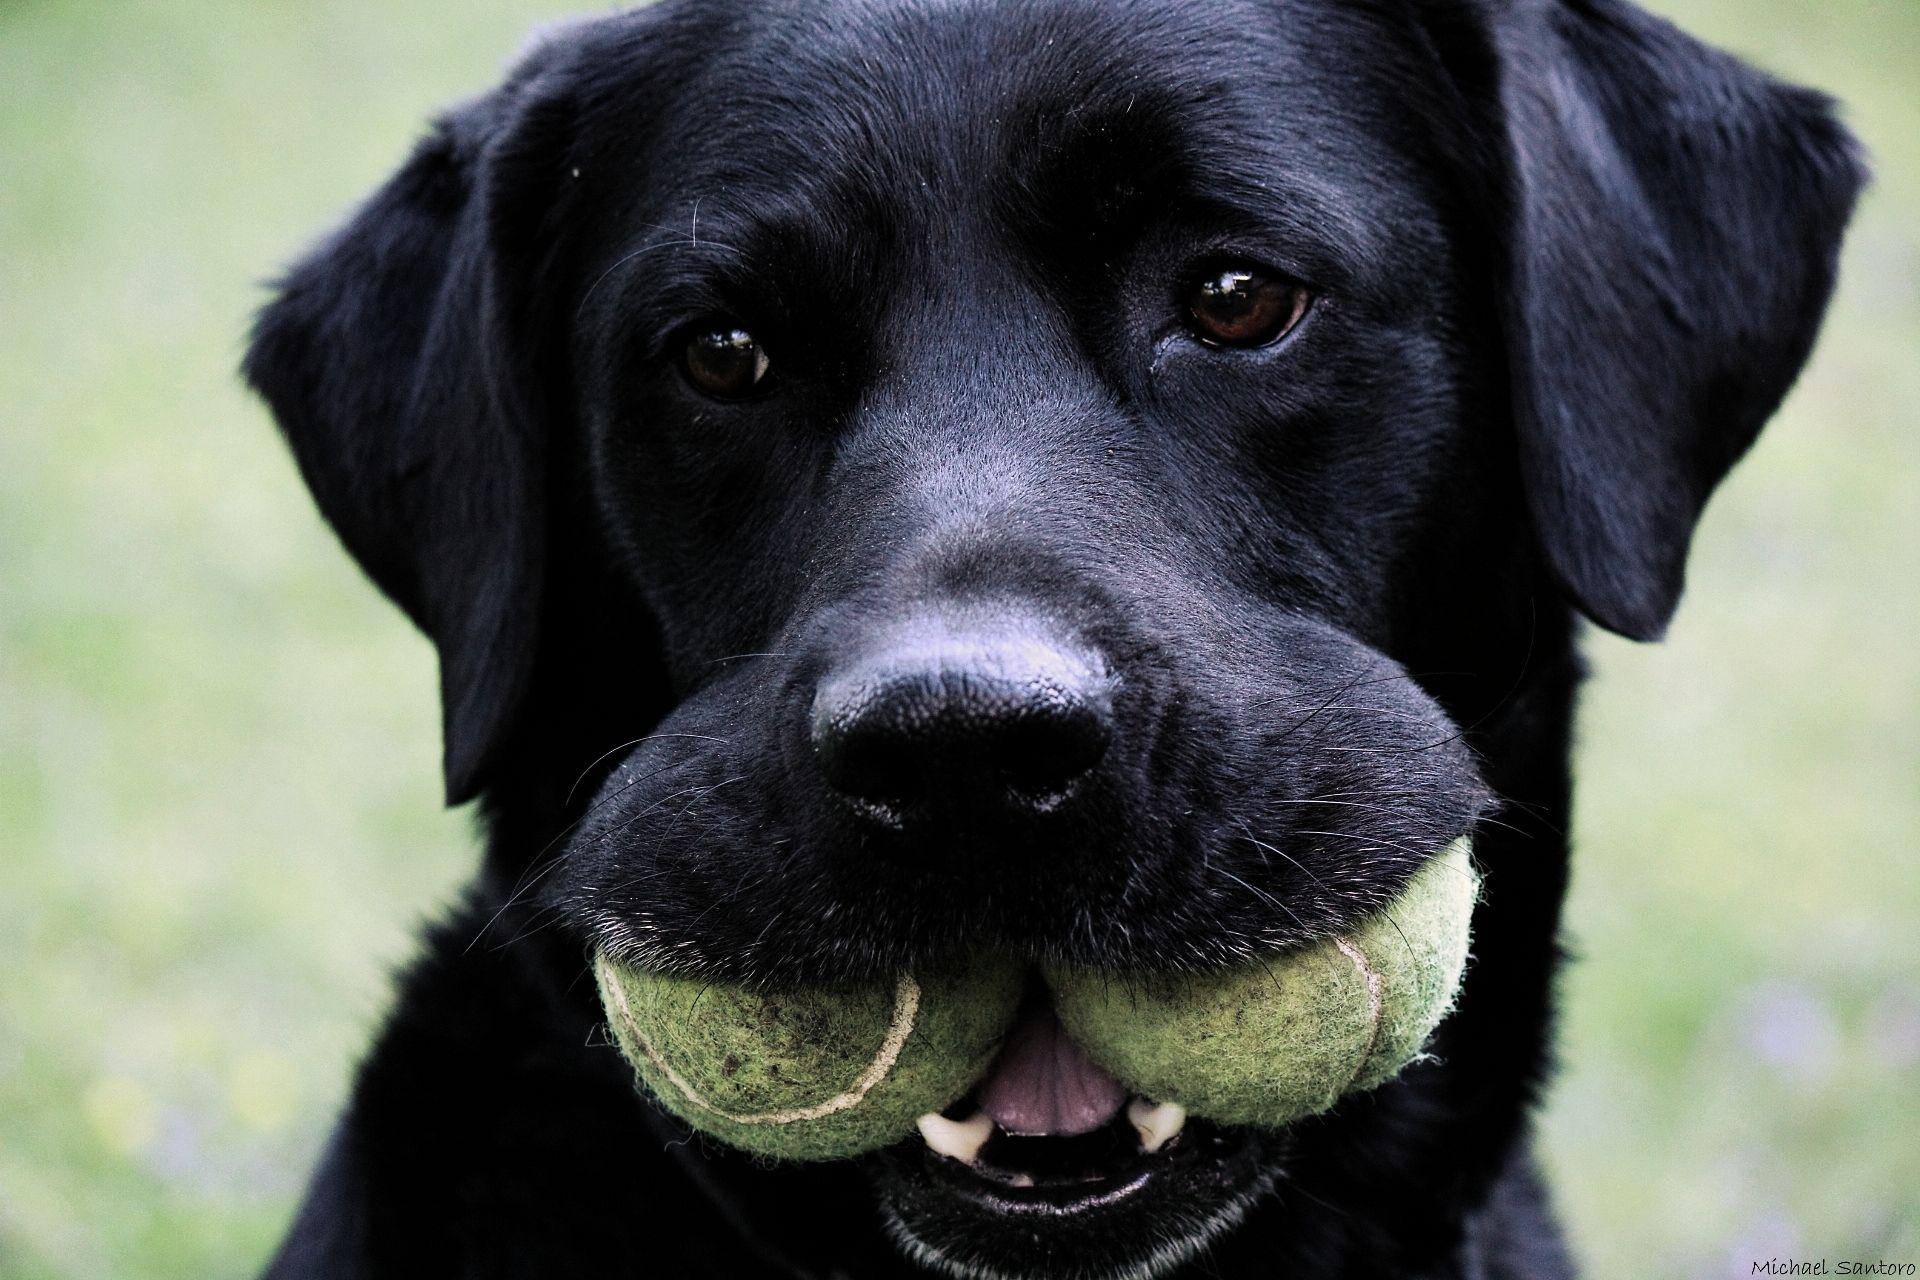 Best Lab Black Adorable Dog - 062a431bfe66e2b06f3e50007b6e486a  Gallery_589012  .jpg